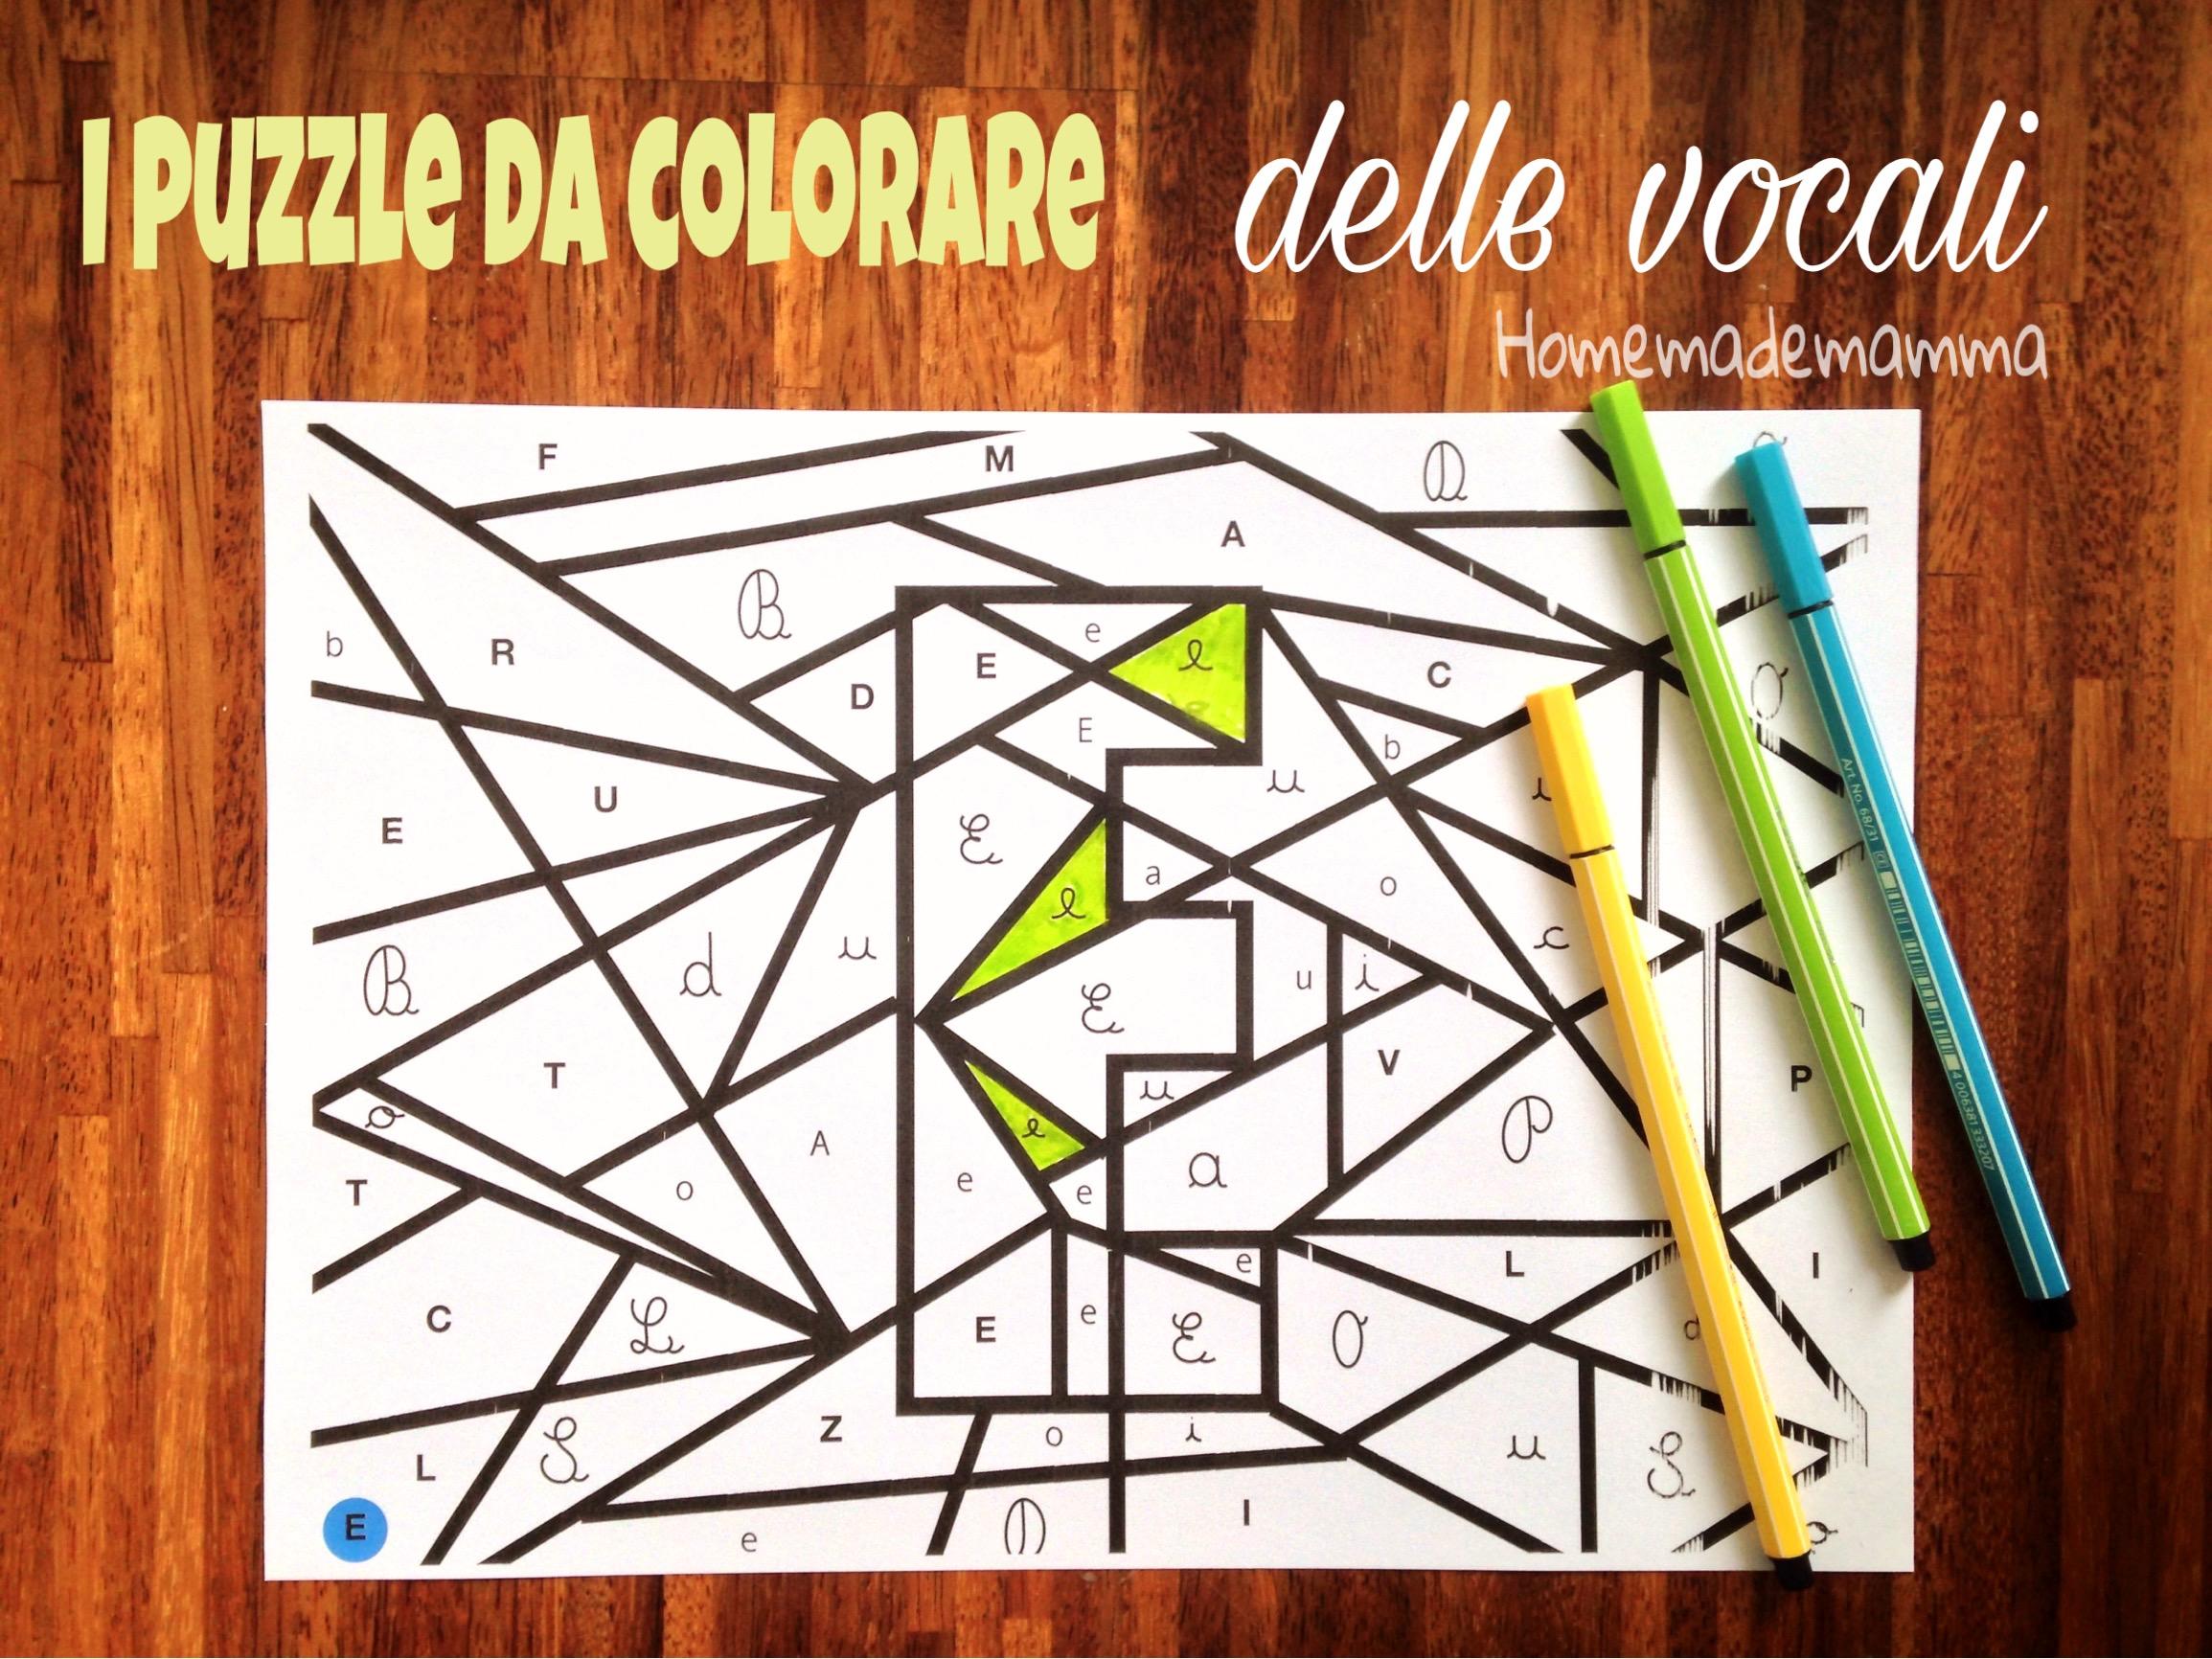 puzzle delle vocali da colorare